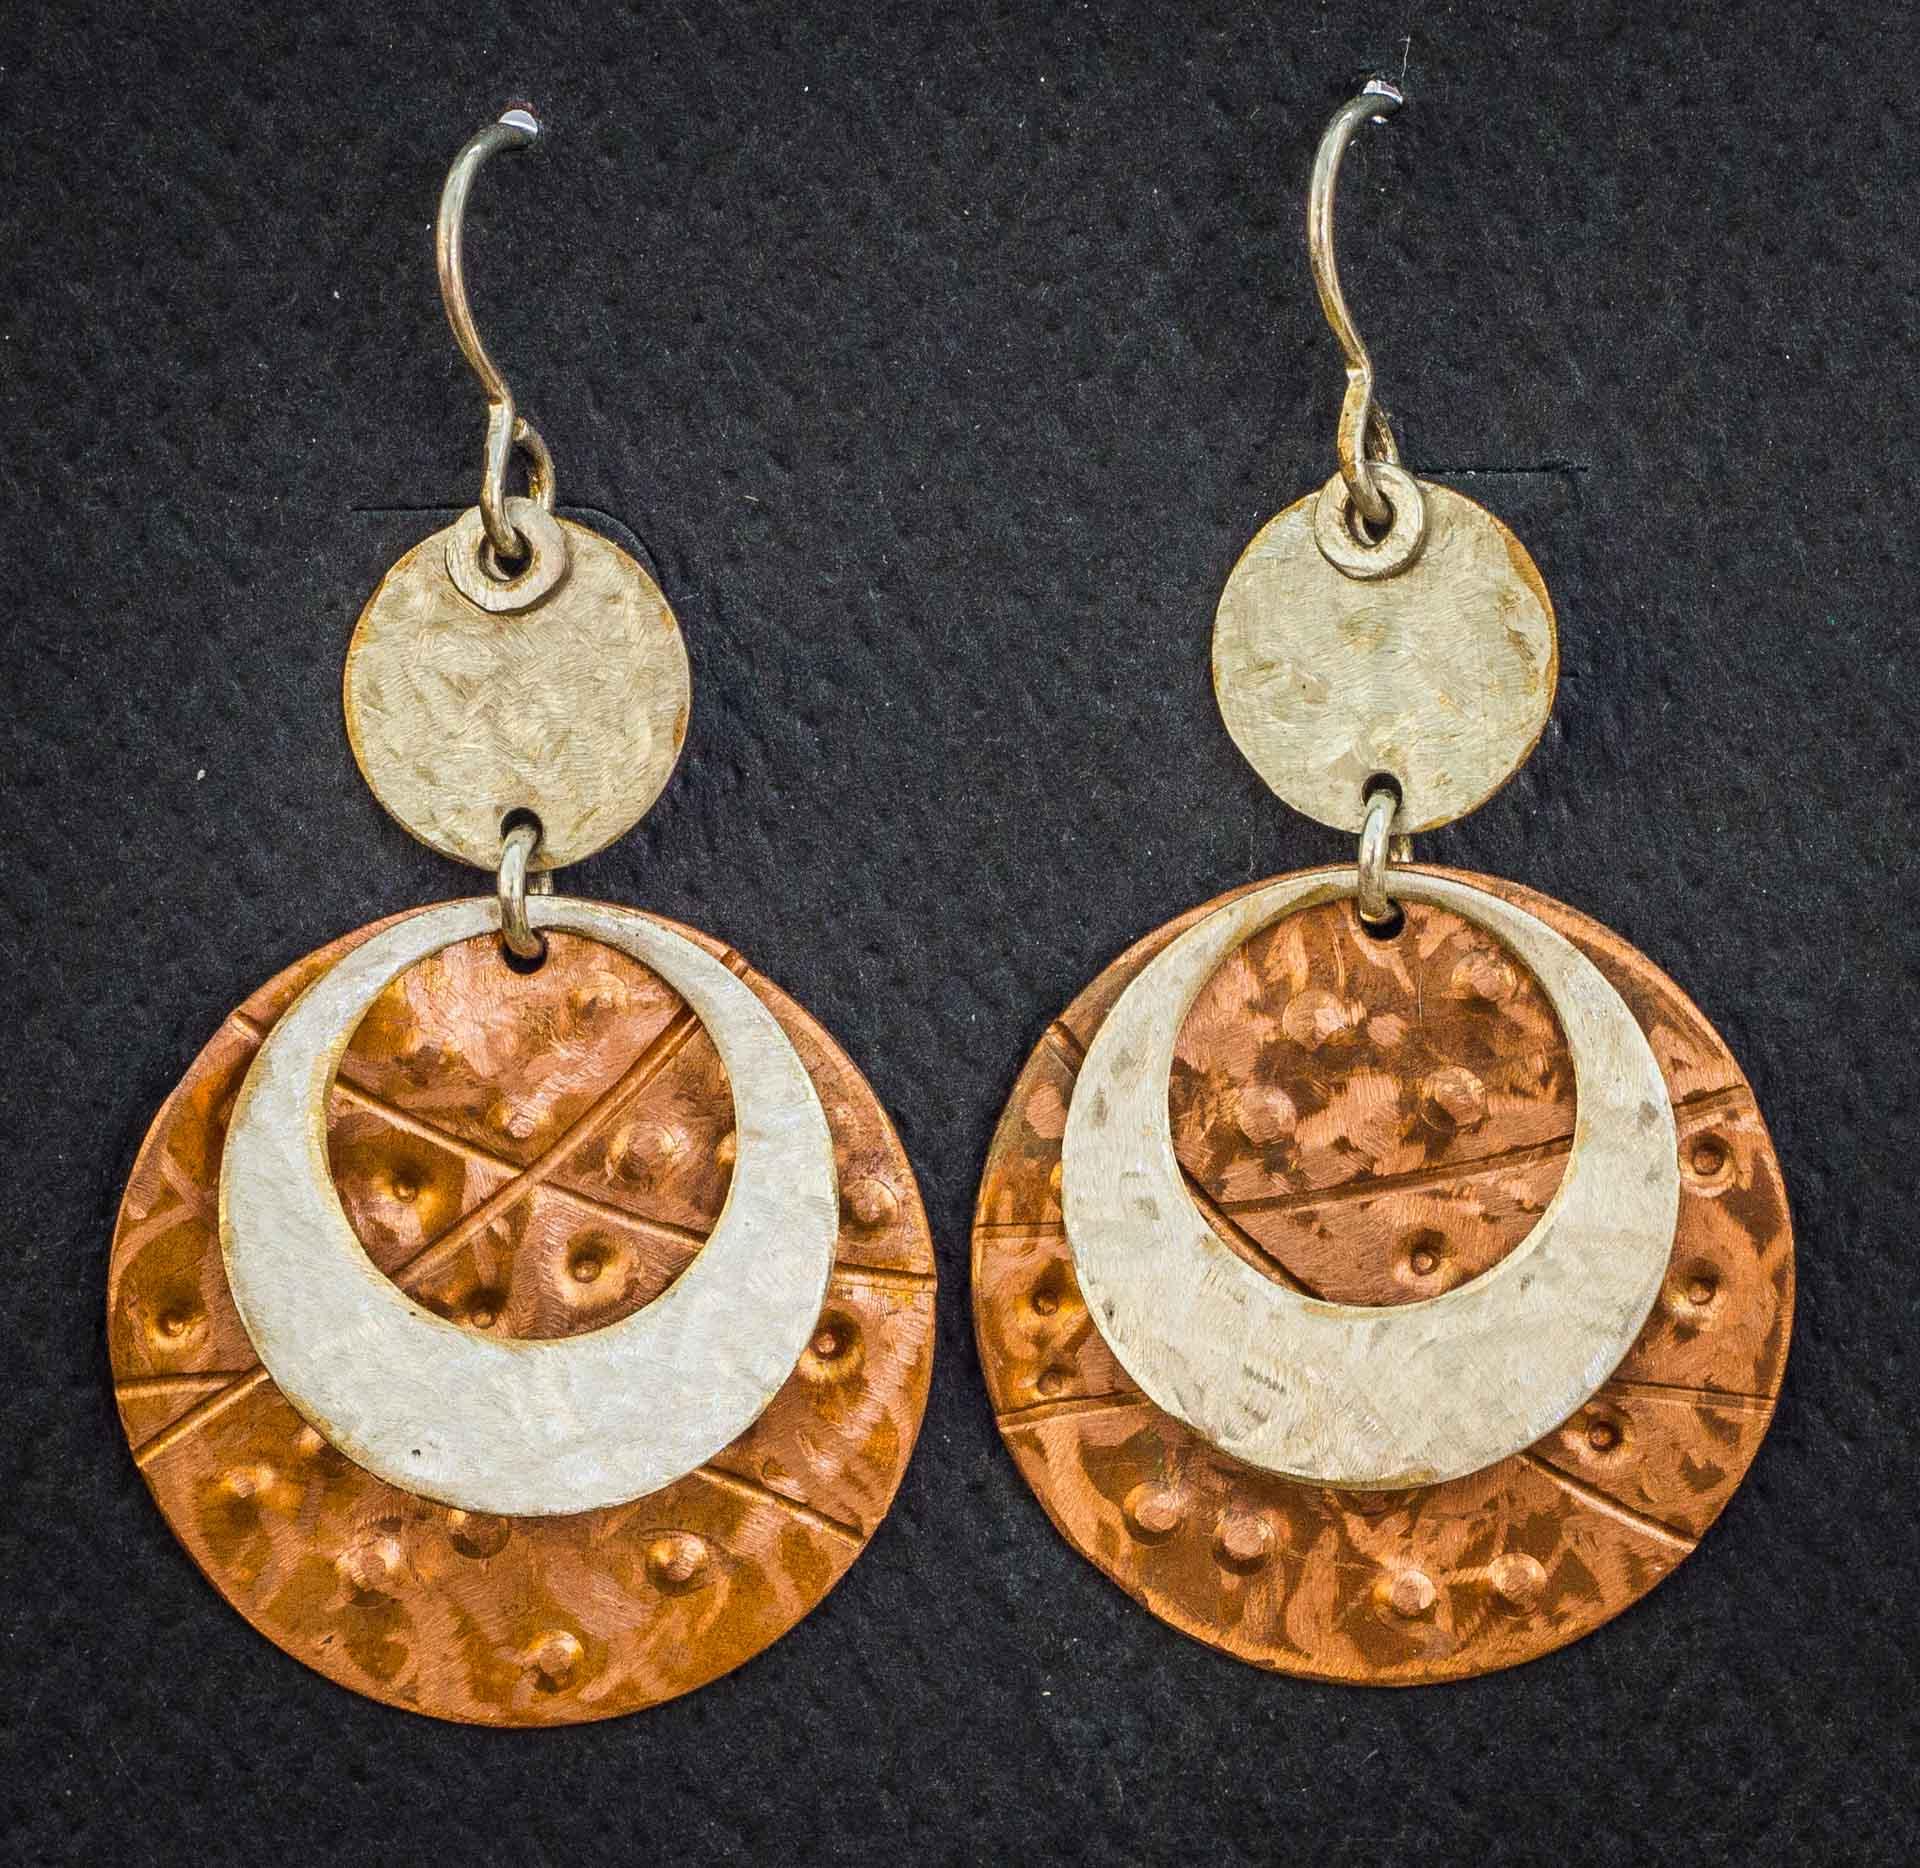 Earring pair 3 by Susie Hettleman